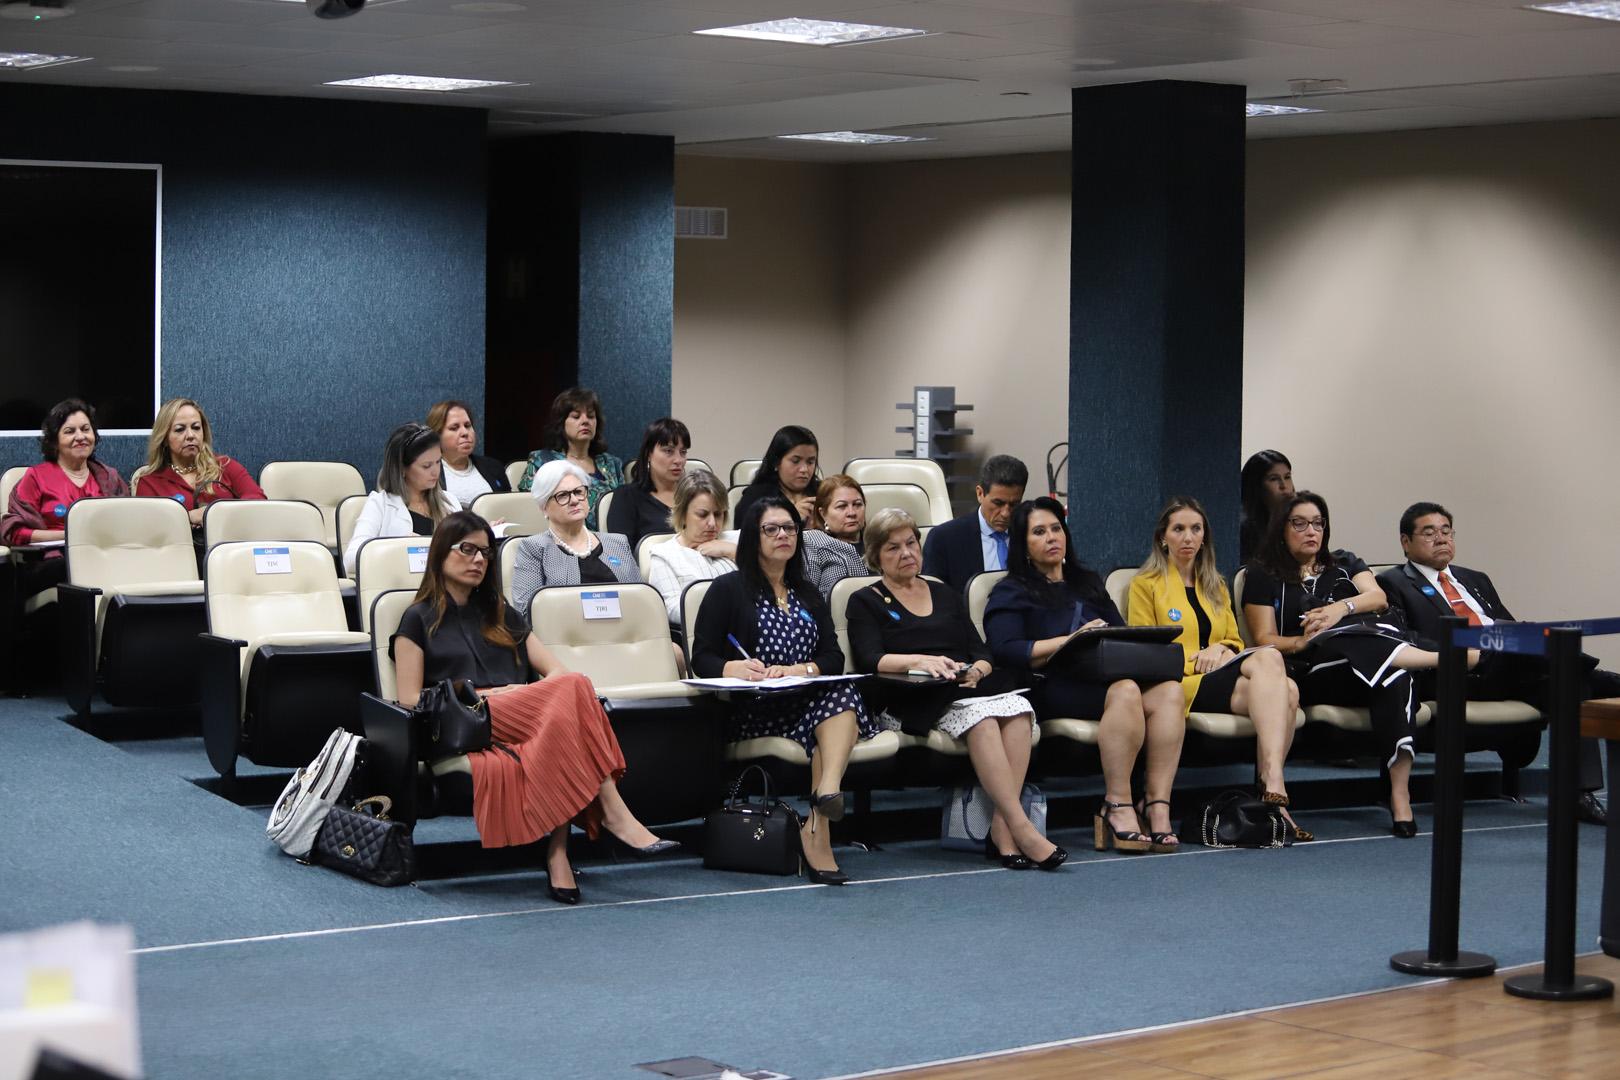 Magistradas do TJSP participam de debates sobre o Poder Judiciário nacional